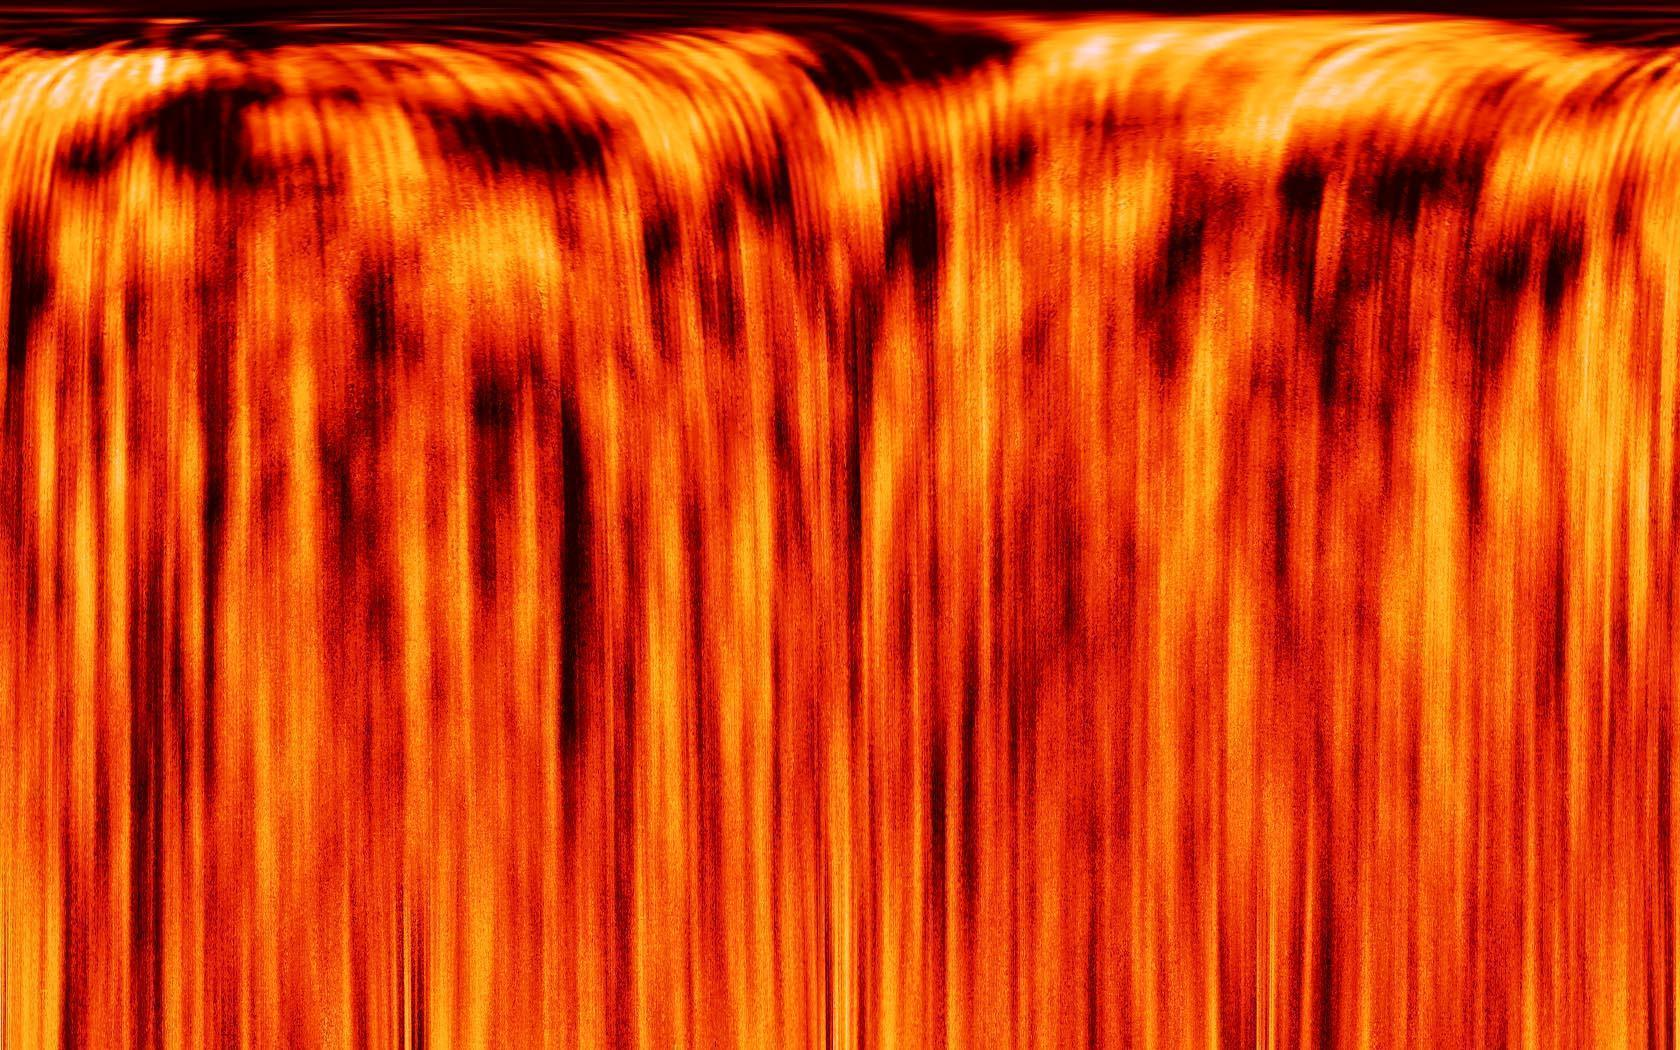 lava wallpaper - photo #17